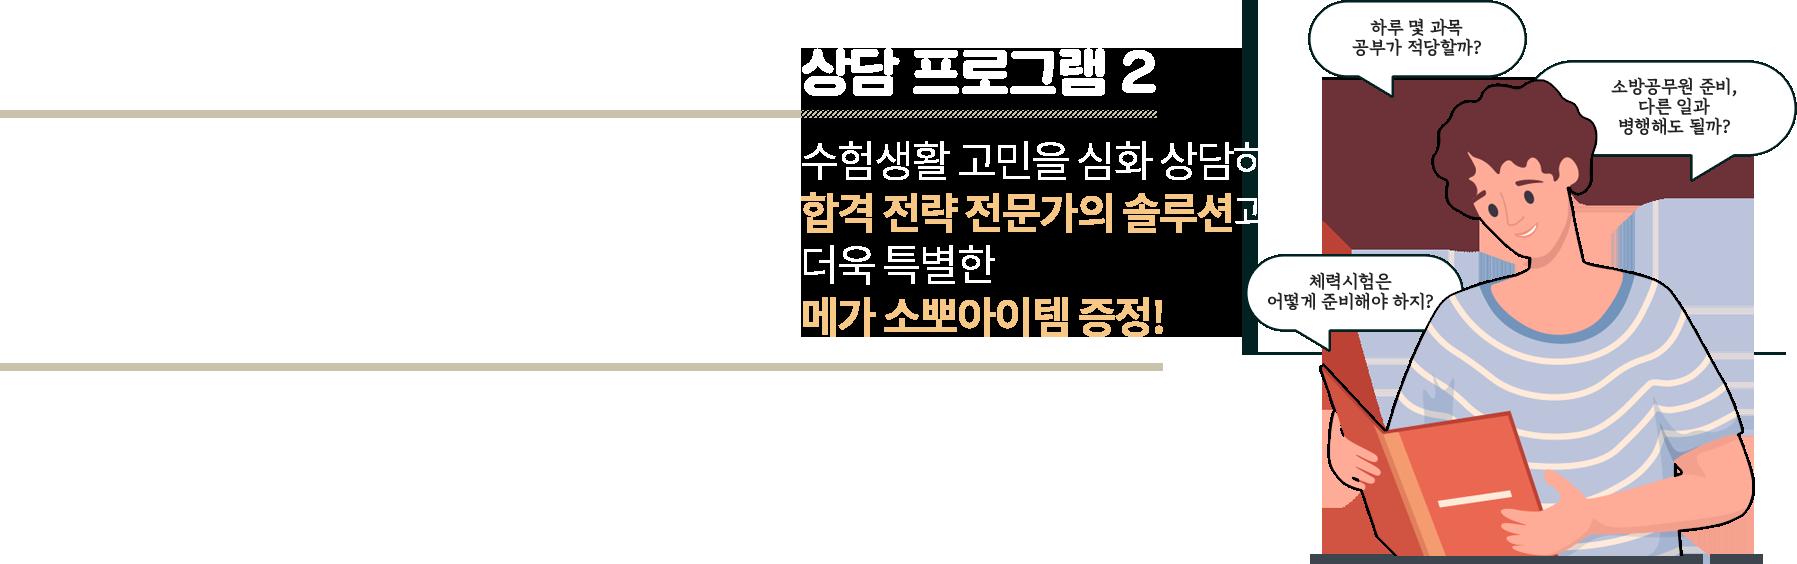 상담 프로그램 2. 심화 상담 시, 선생님의 솔루션과 더욱 특별한 메가 소뽀아이템 증정!